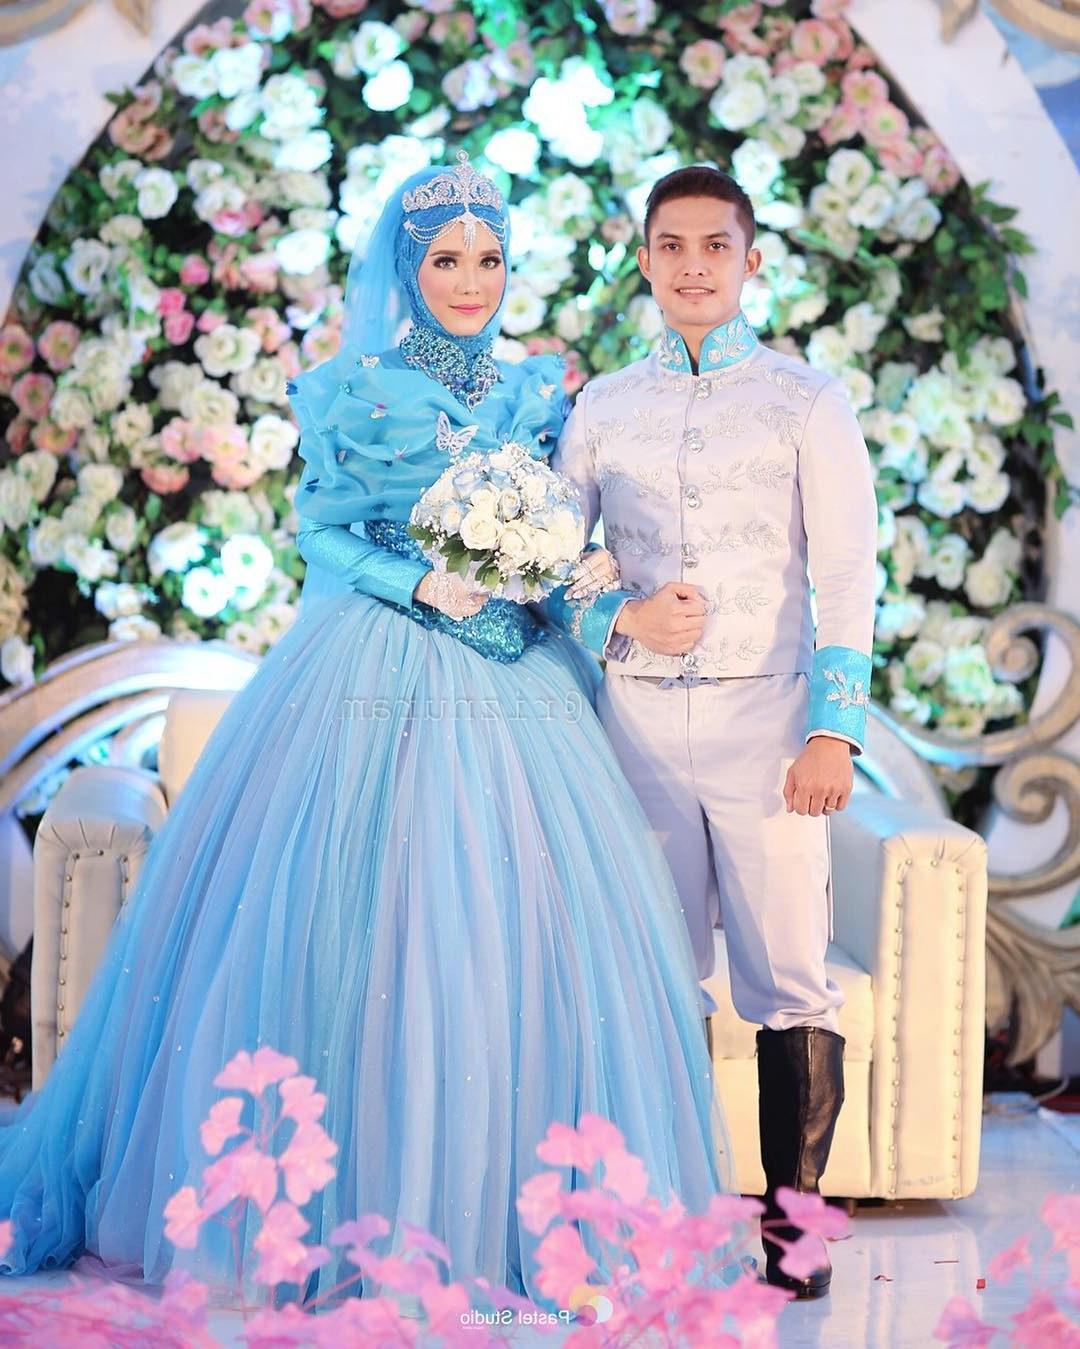 Inspirasi Busana Pengantin Muslimah Modern Y7du 10 Inspirasi Gaun Pengantin Muslimah Ber A Modern Bak